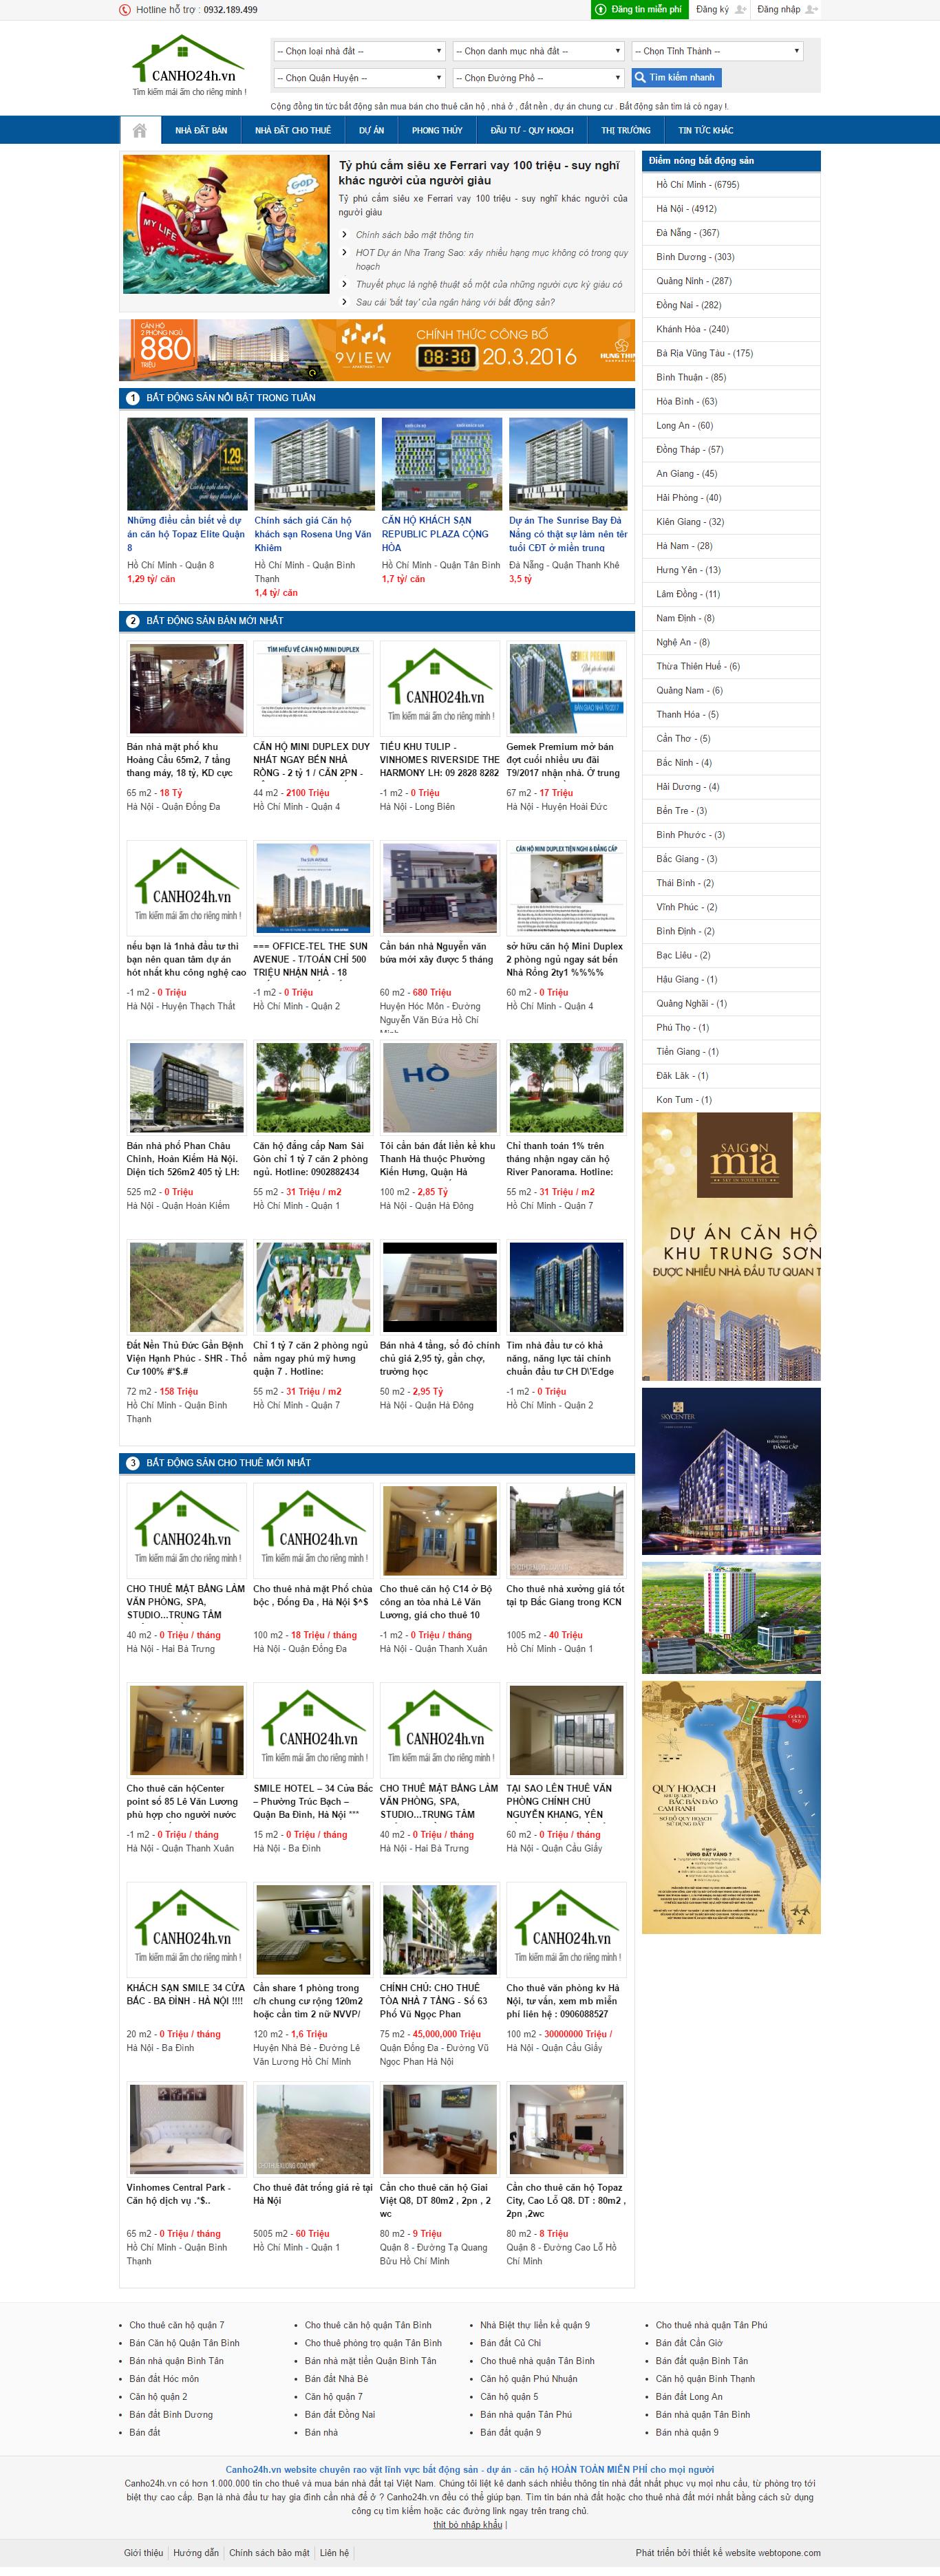 Giao diện website Bất động sản Z - 186